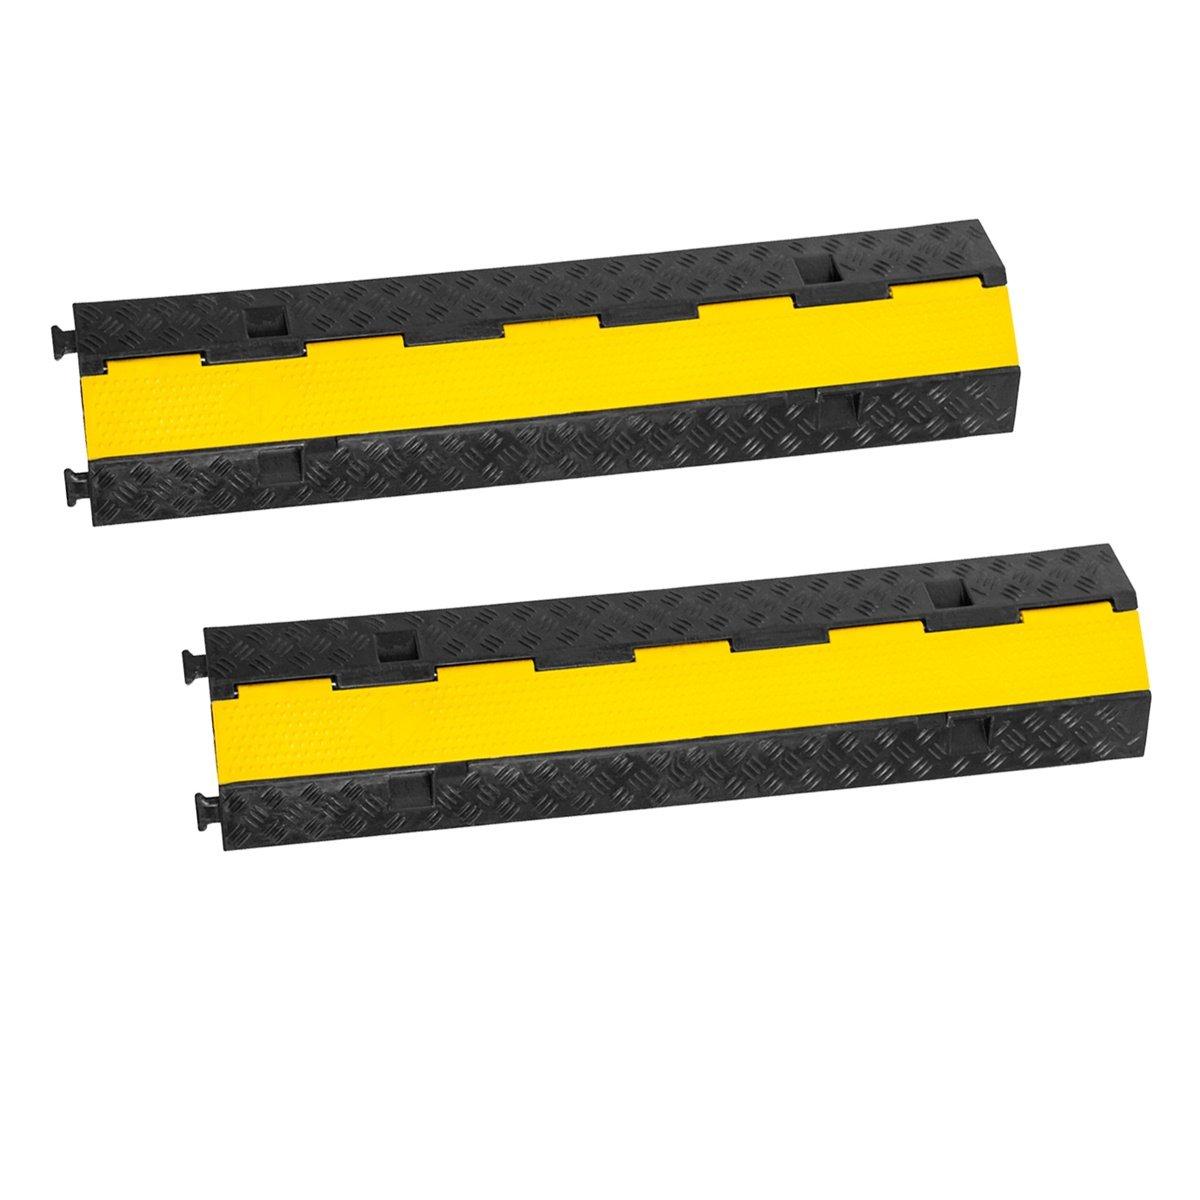 2x 1 Meter Kabelbr/ücken Stecksystem LKW//PKW /Überfahrschutz Kabelschutz 2-Kanal Br/ücke Stecksystem